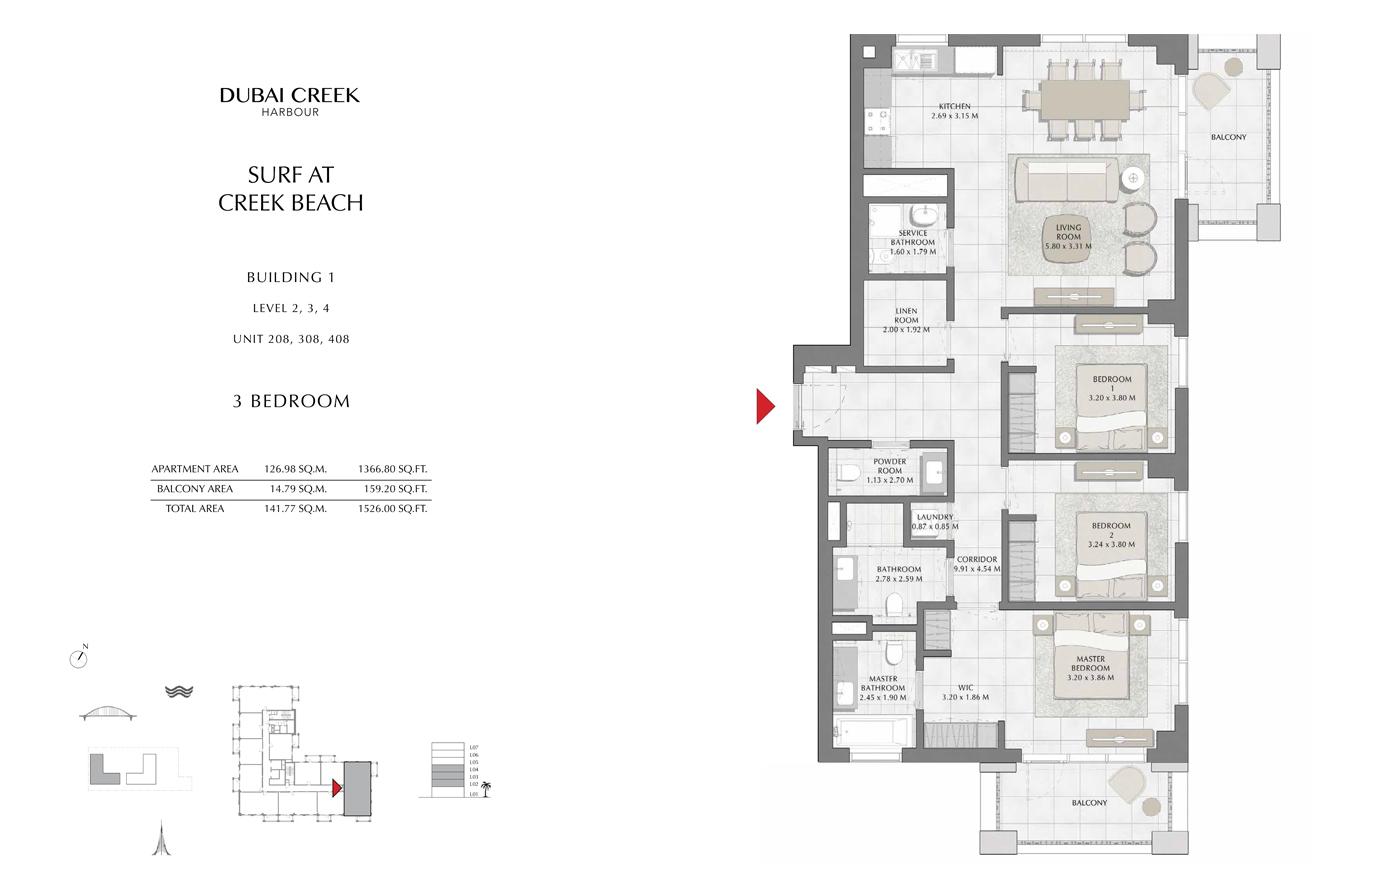 Building 1 - 3 Bedroom